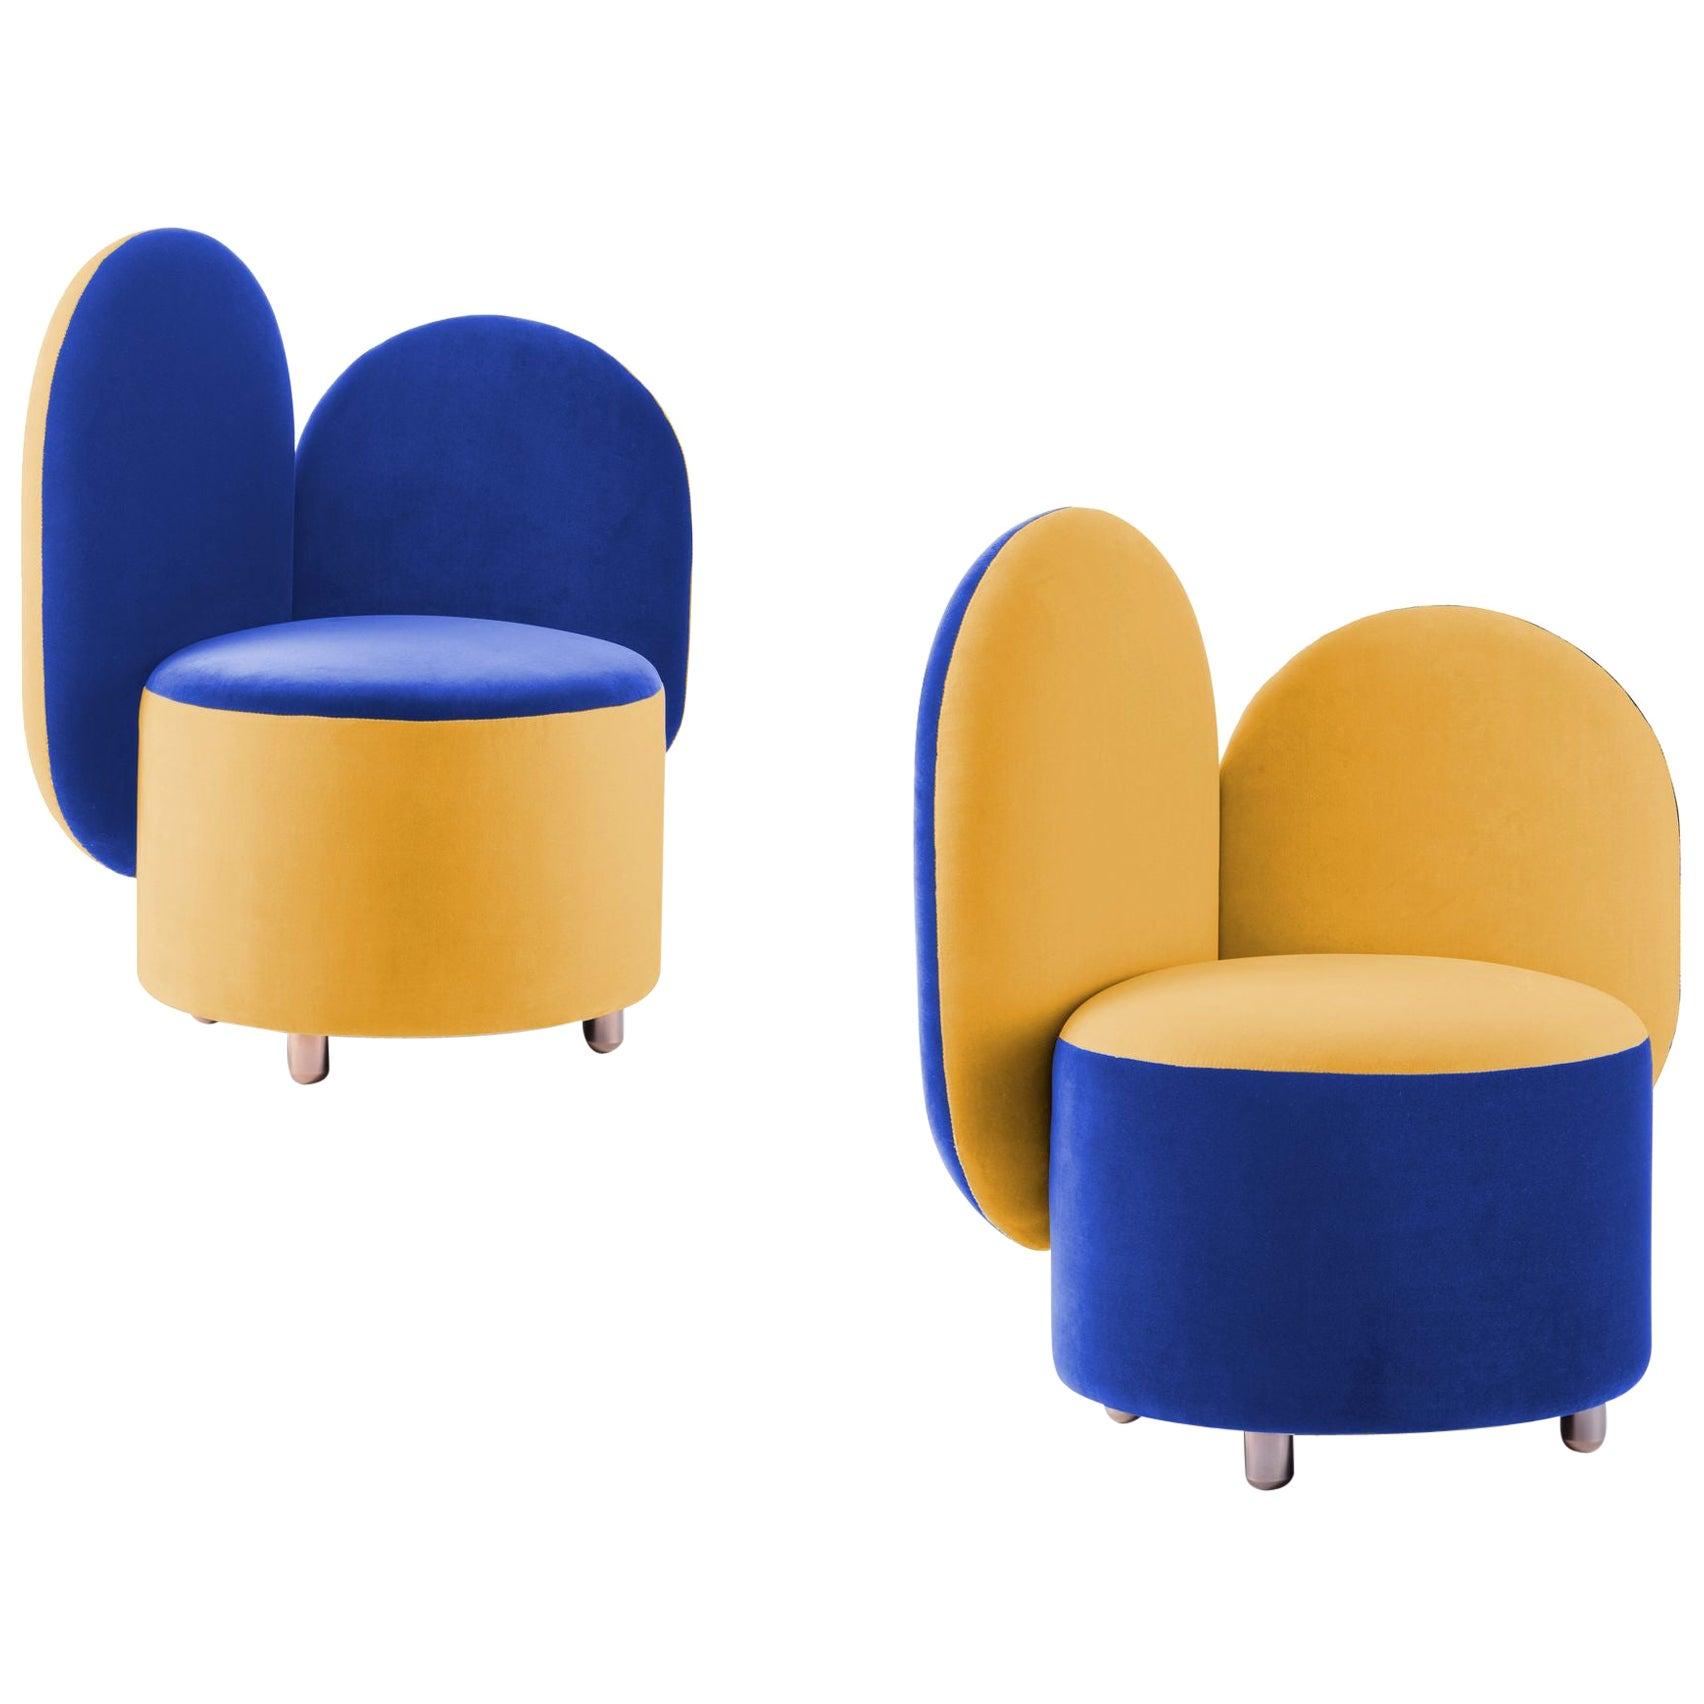 Pair of Half Half Designed by Thomas Dariel